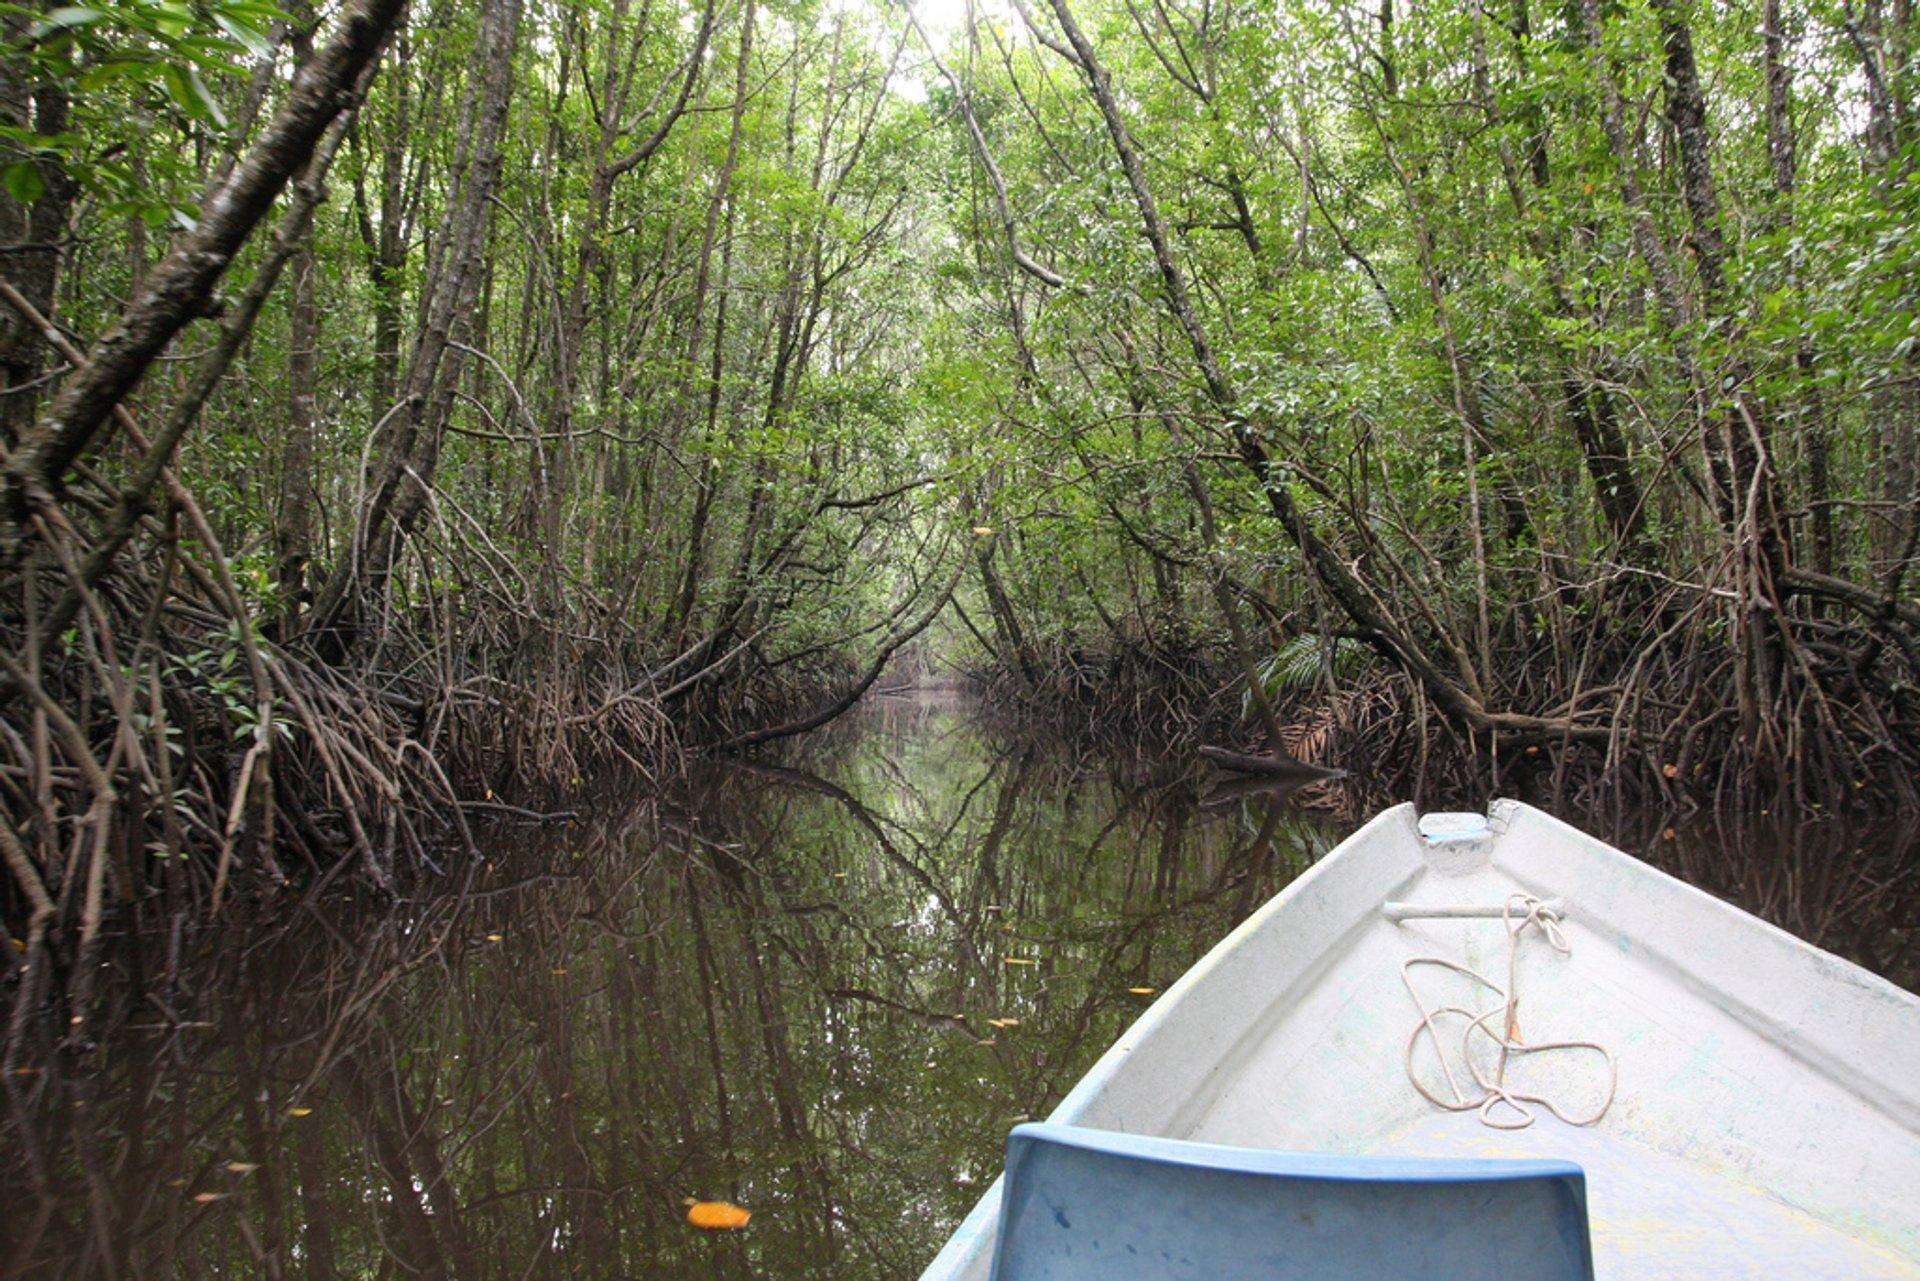 Boating around mangrove in Kampung Cherating, Pahang, Malaysia 2020